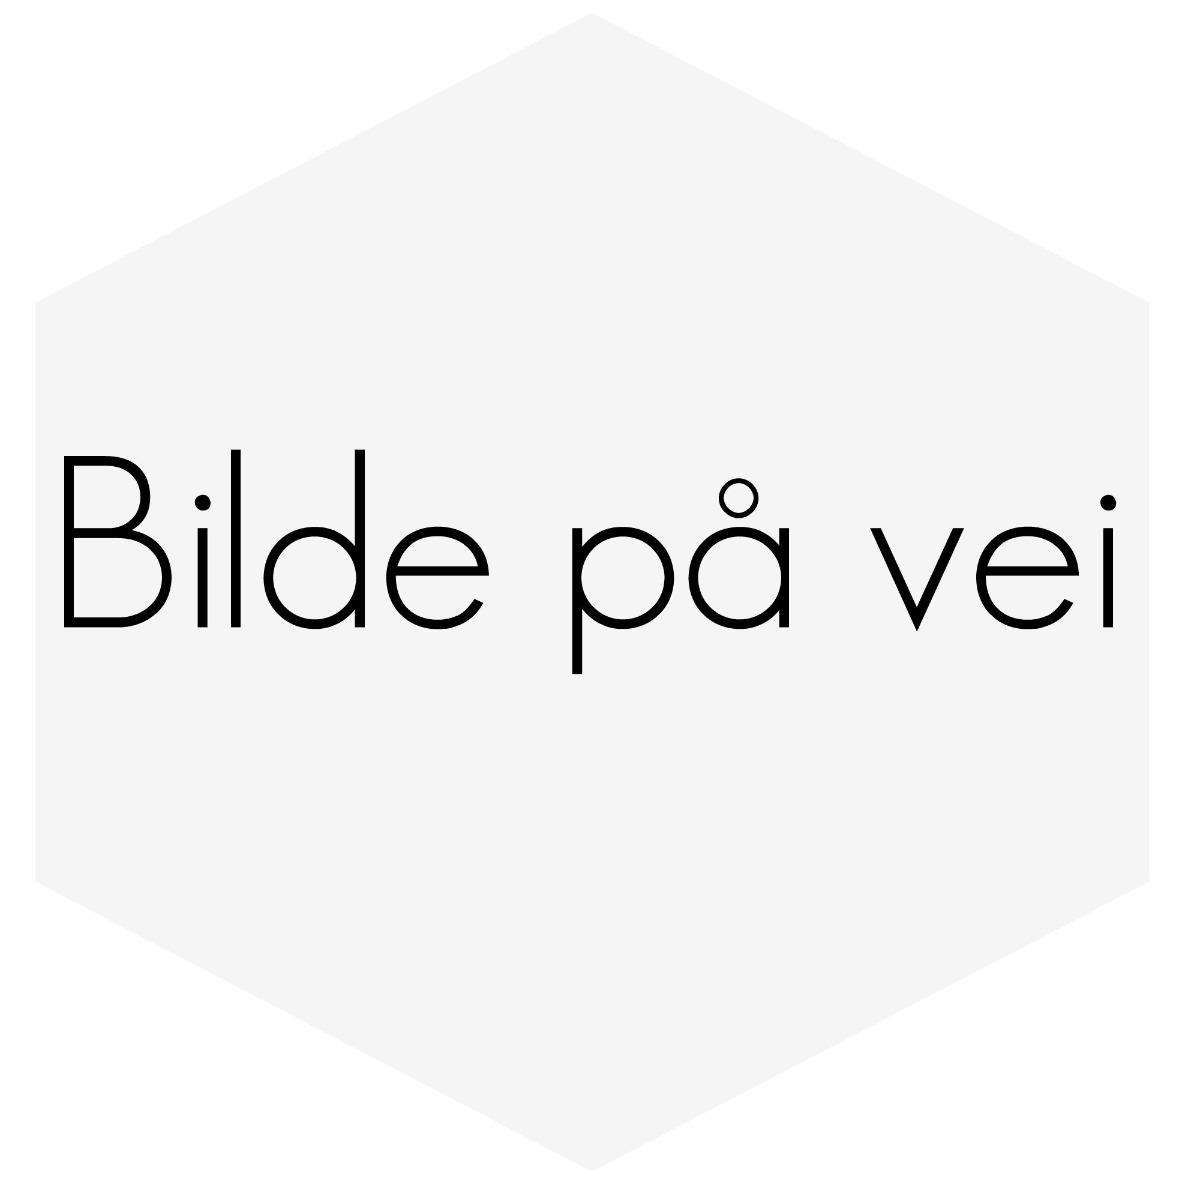 GRILLNETT SØLV RUNDE HULL 2 I PAKKEN. 20X62,5CM